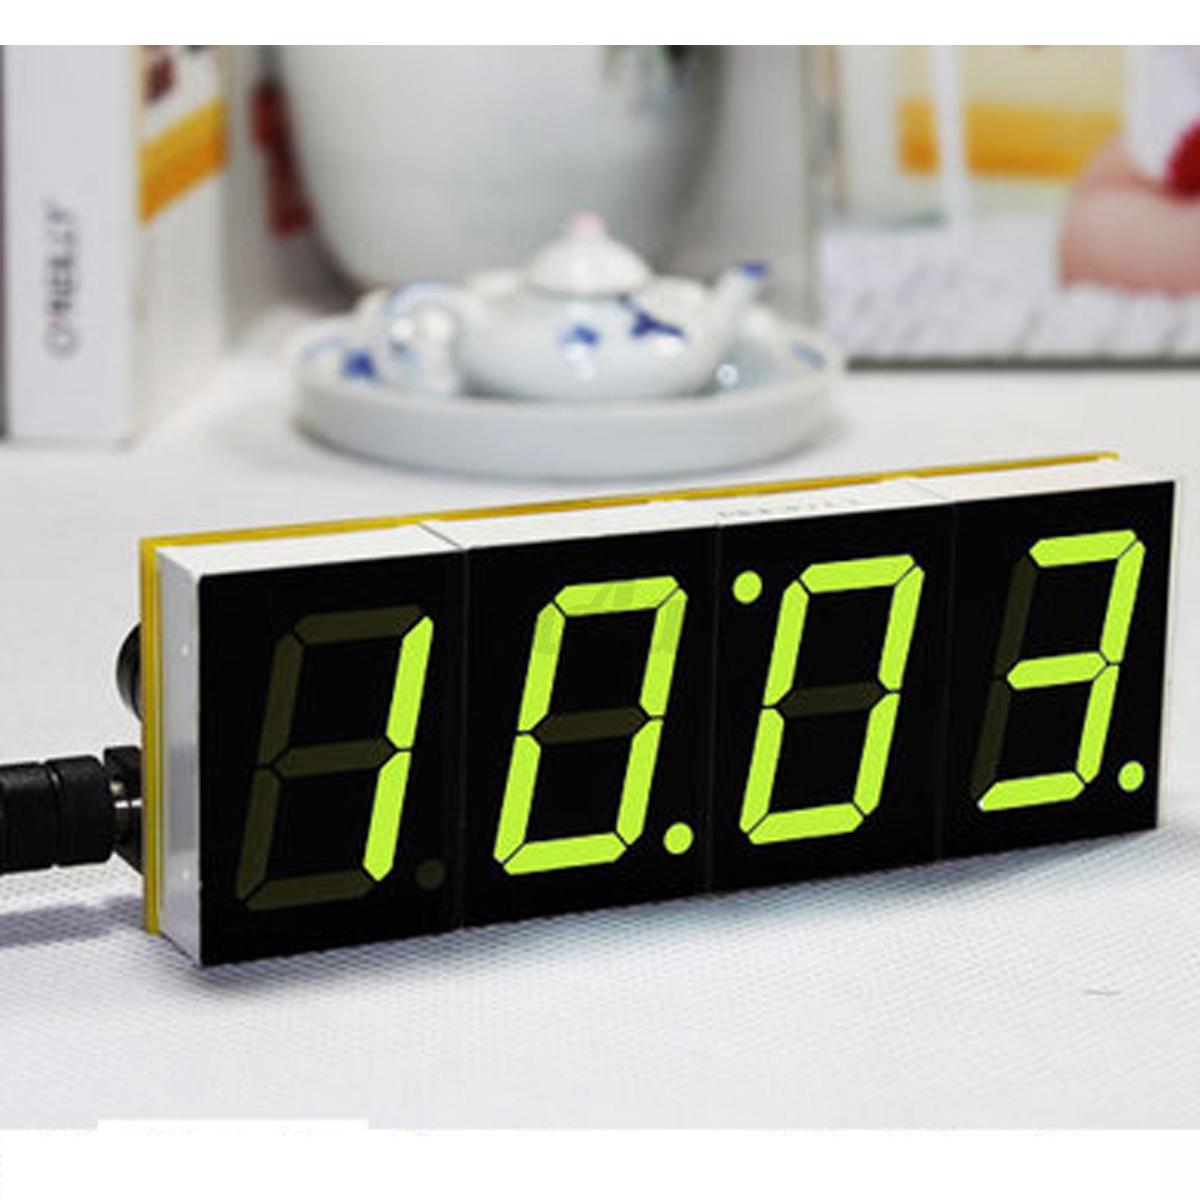 diy digital led electronic microcontroller clock kit large screen display time ebay. Black Bedroom Furniture Sets. Home Design Ideas